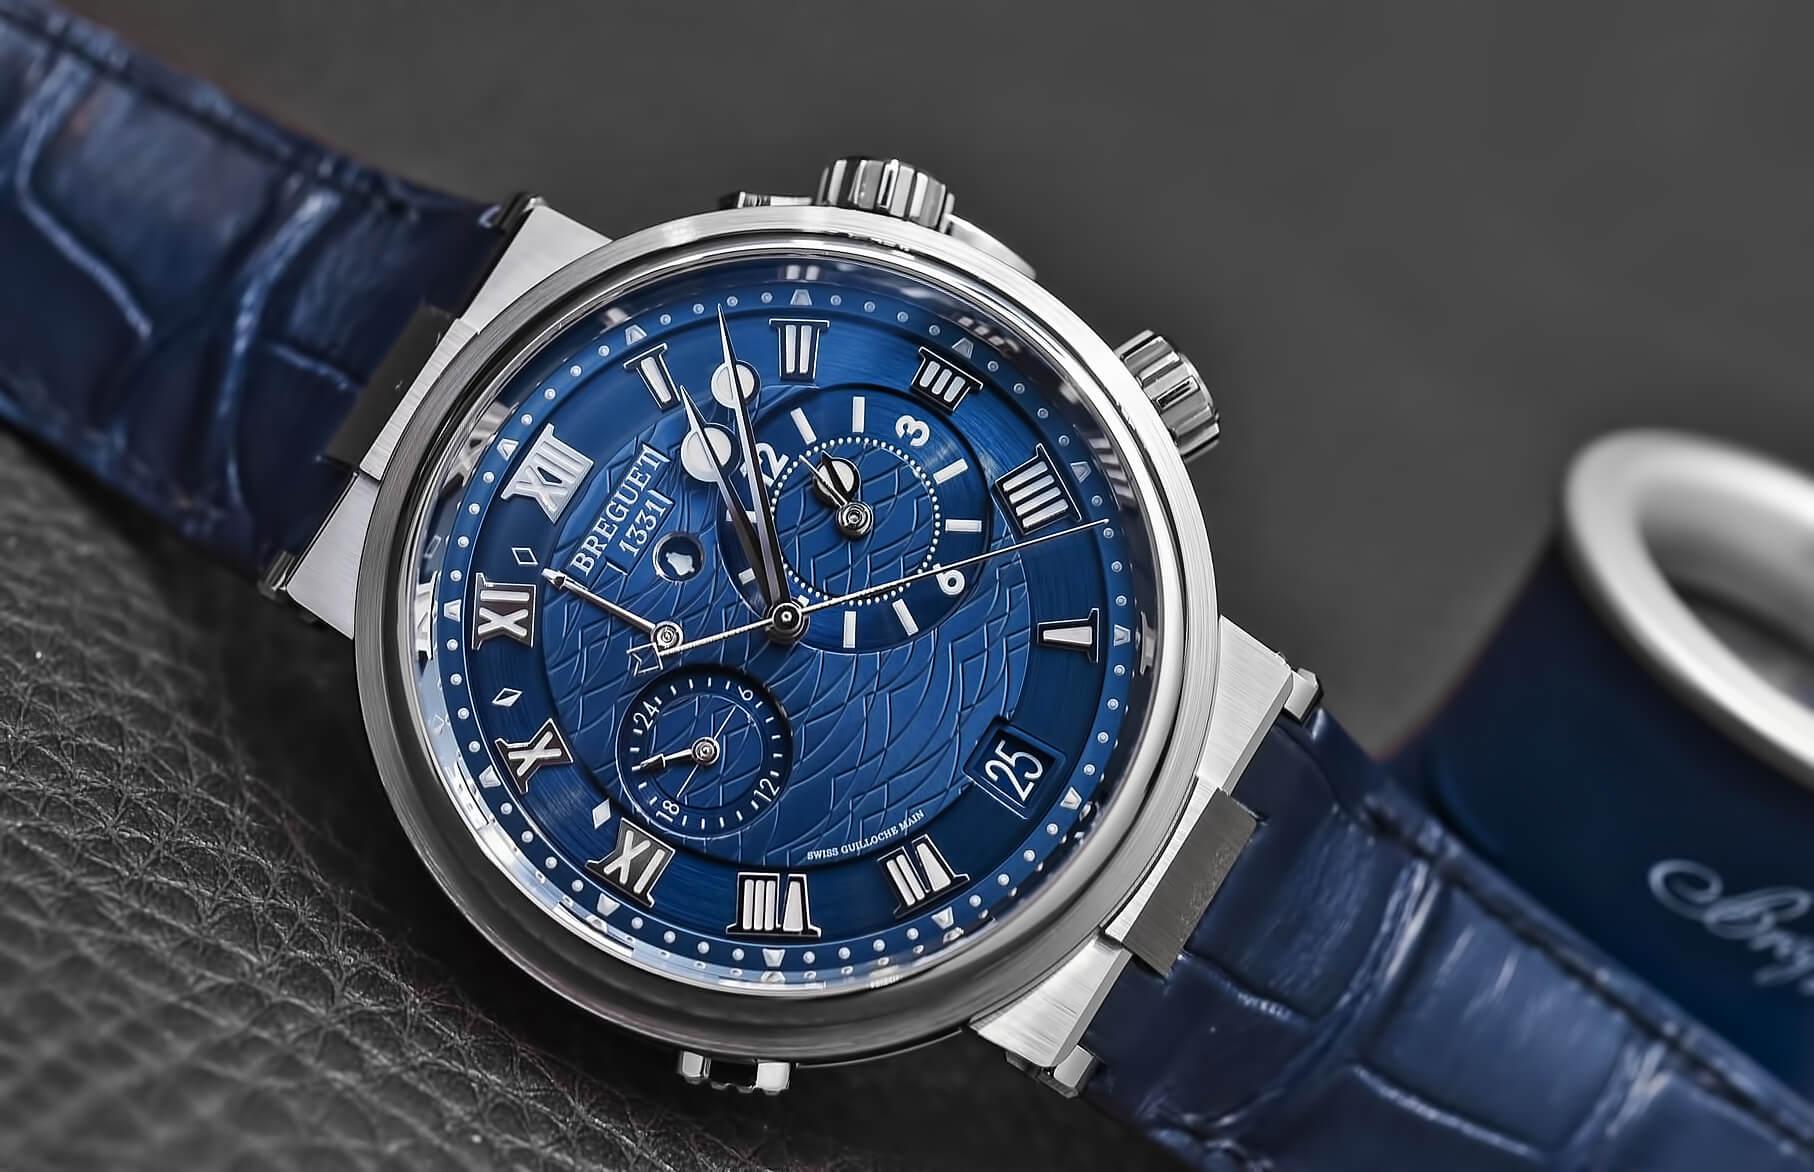 Швейцарские часы Breguet Marine Alarme Musicale 5547